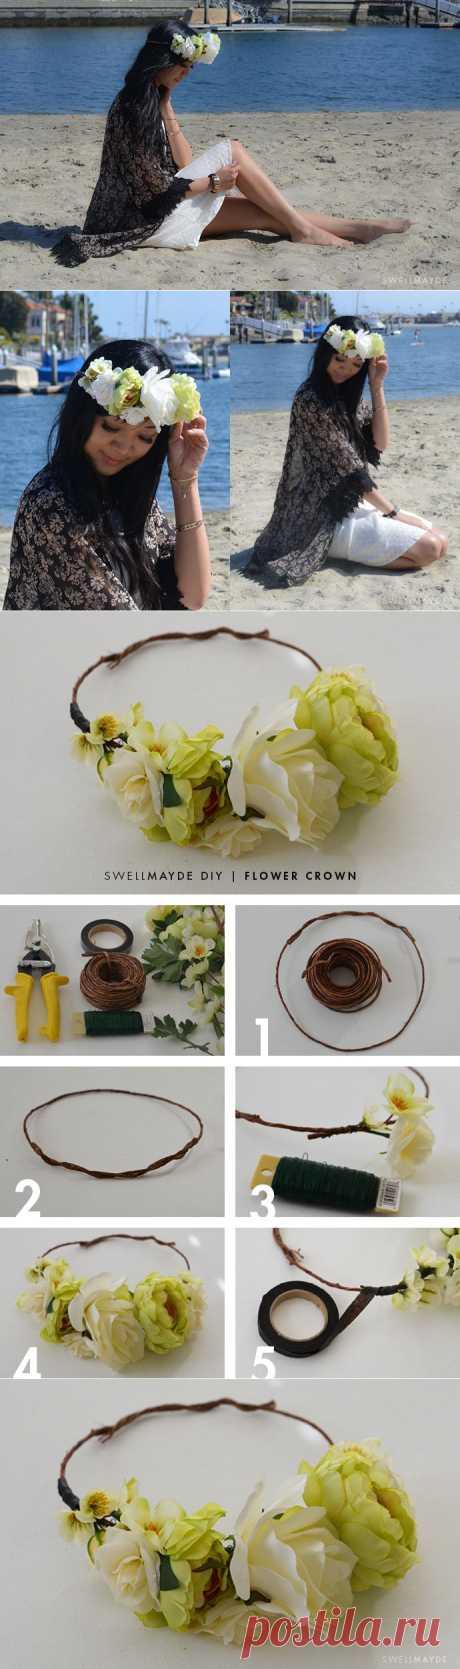 swellmayde: сделай сам | Цветочная короны